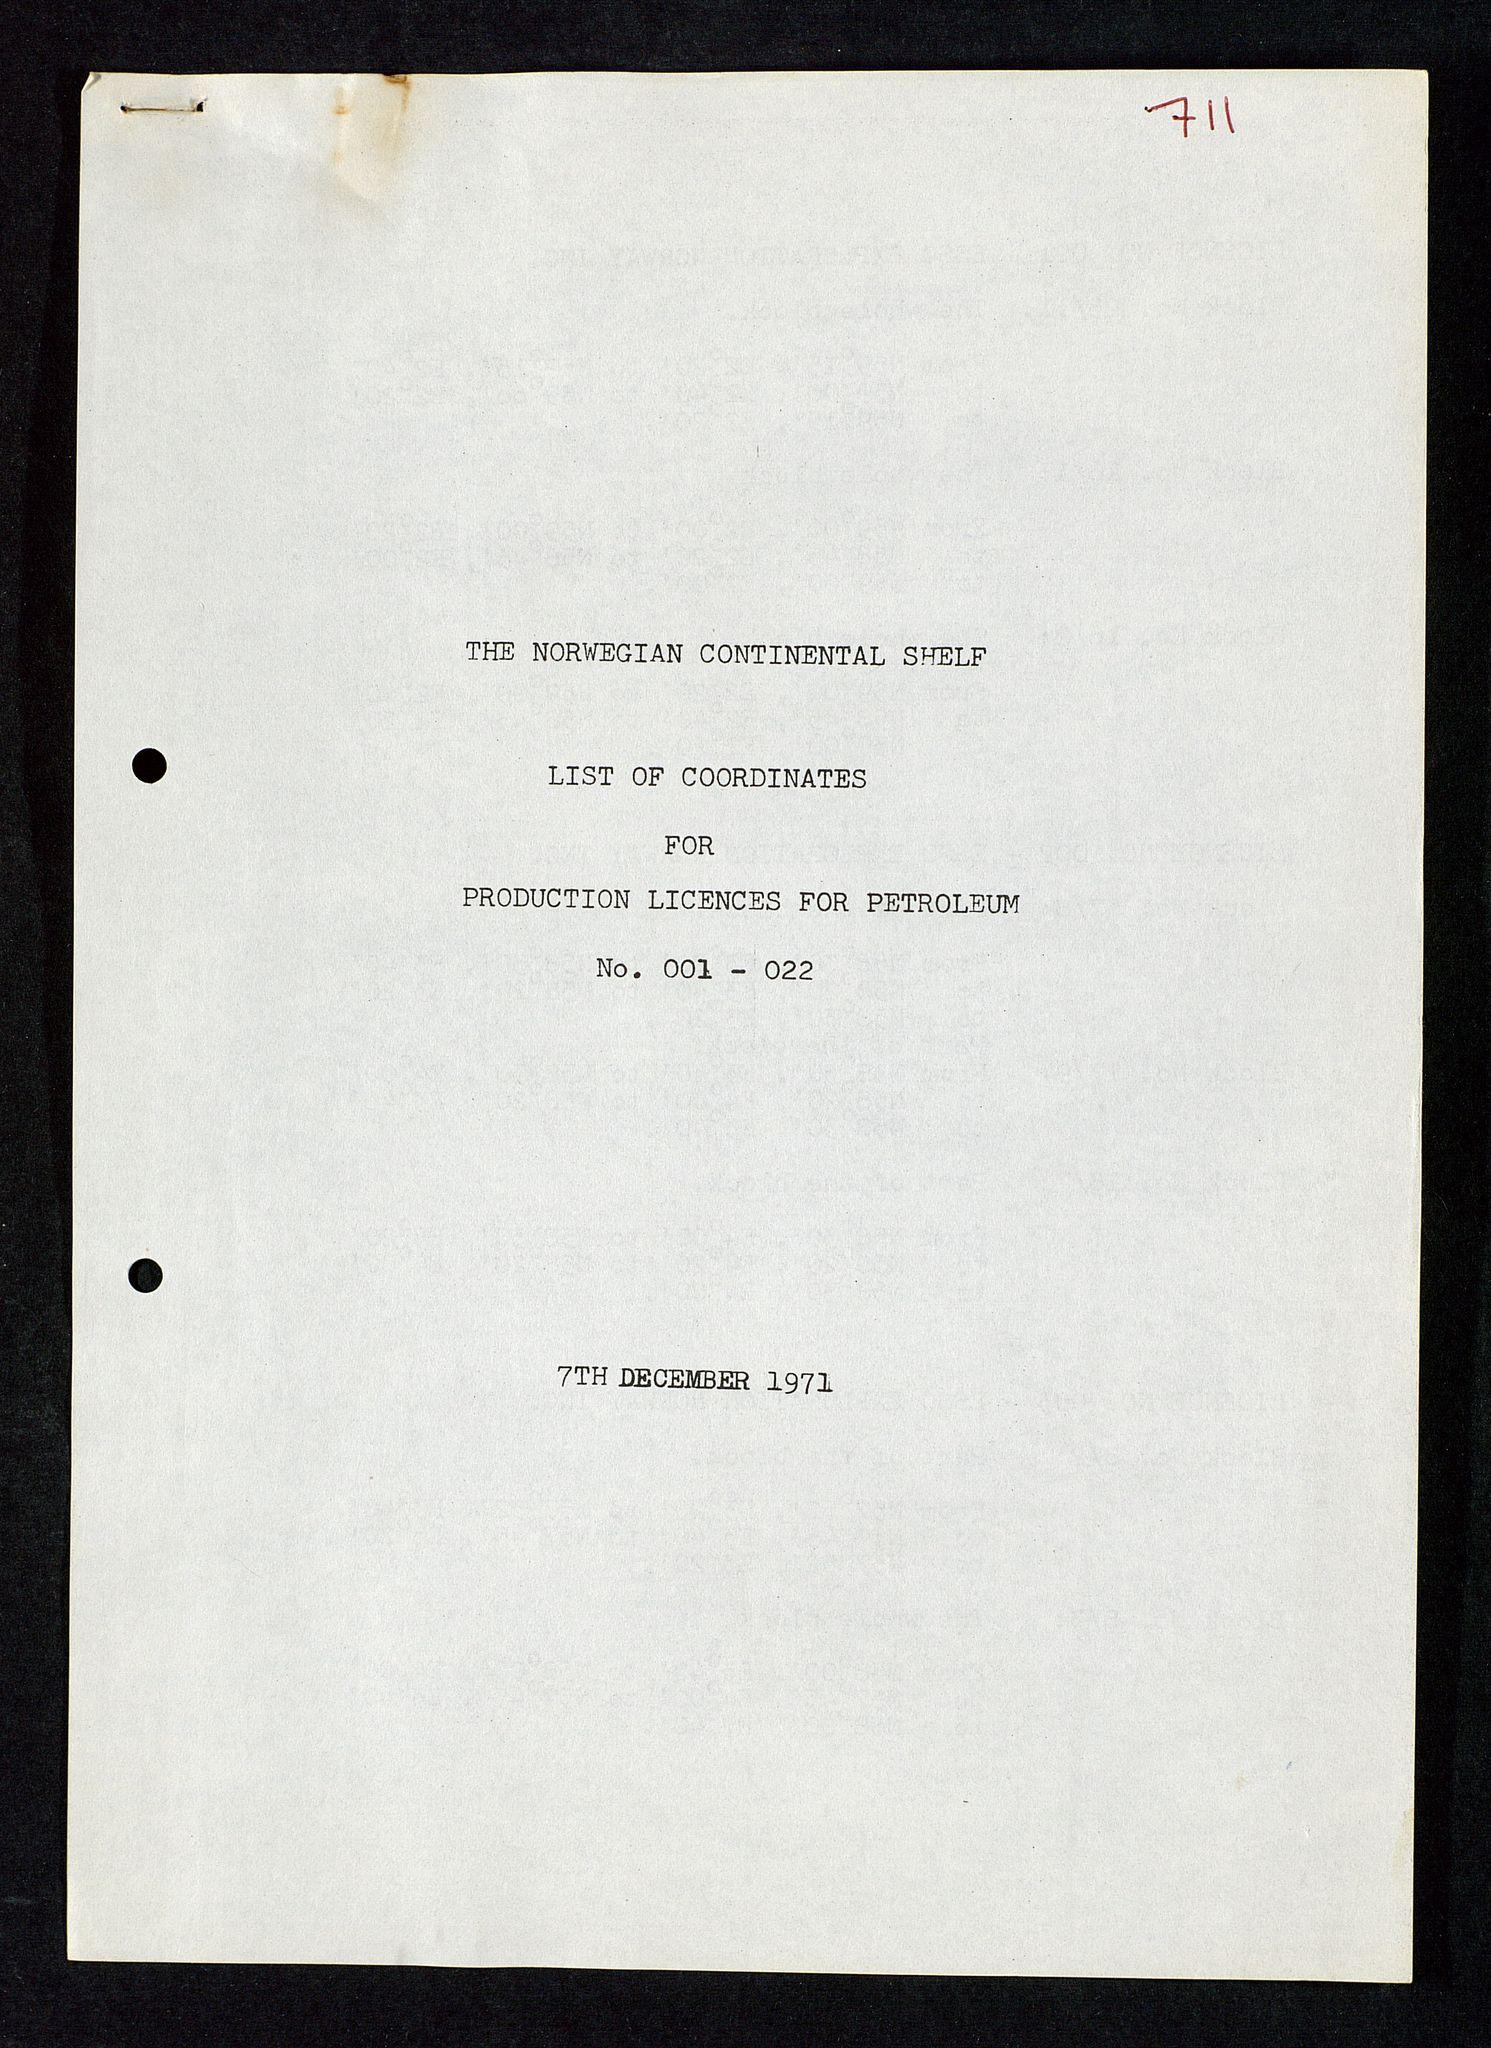 SAST, Industridepartementet, Oljekontoret, Da/L0004: Arkivnøkkel 711 - 712 Utvinningstillatelser, 1970-1971, s. 536